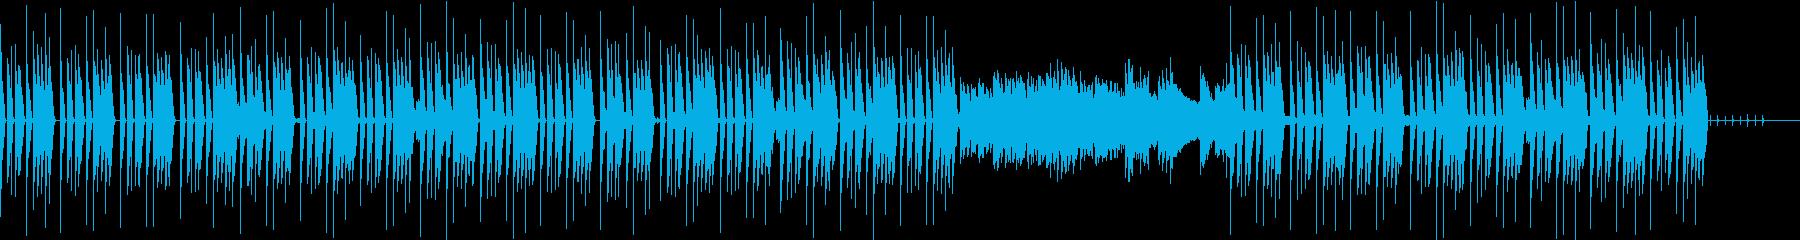 ダークな雰囲気のBGMの再生済みの波形